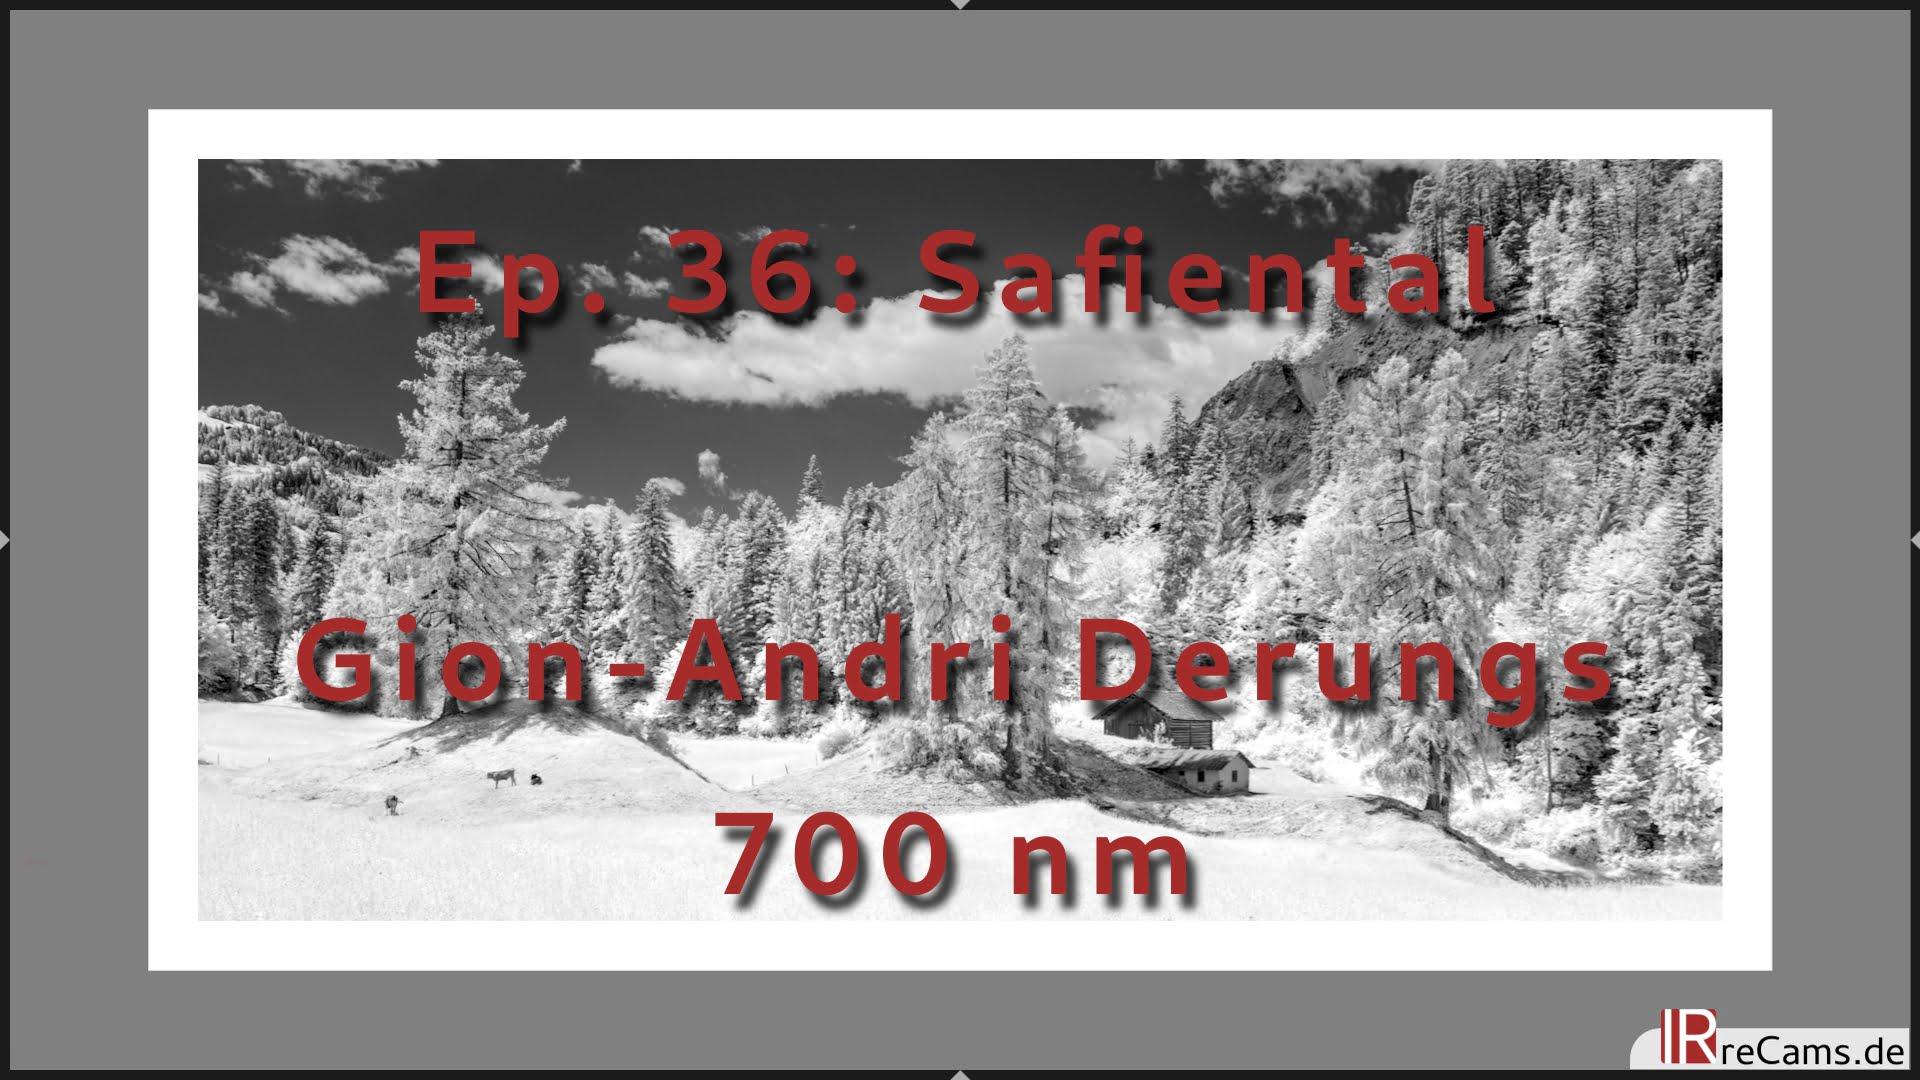 Ep. 36: Safiental in 700 nm Infrarot - Schwarz-Weiß Bildbearbeitung mit darktable